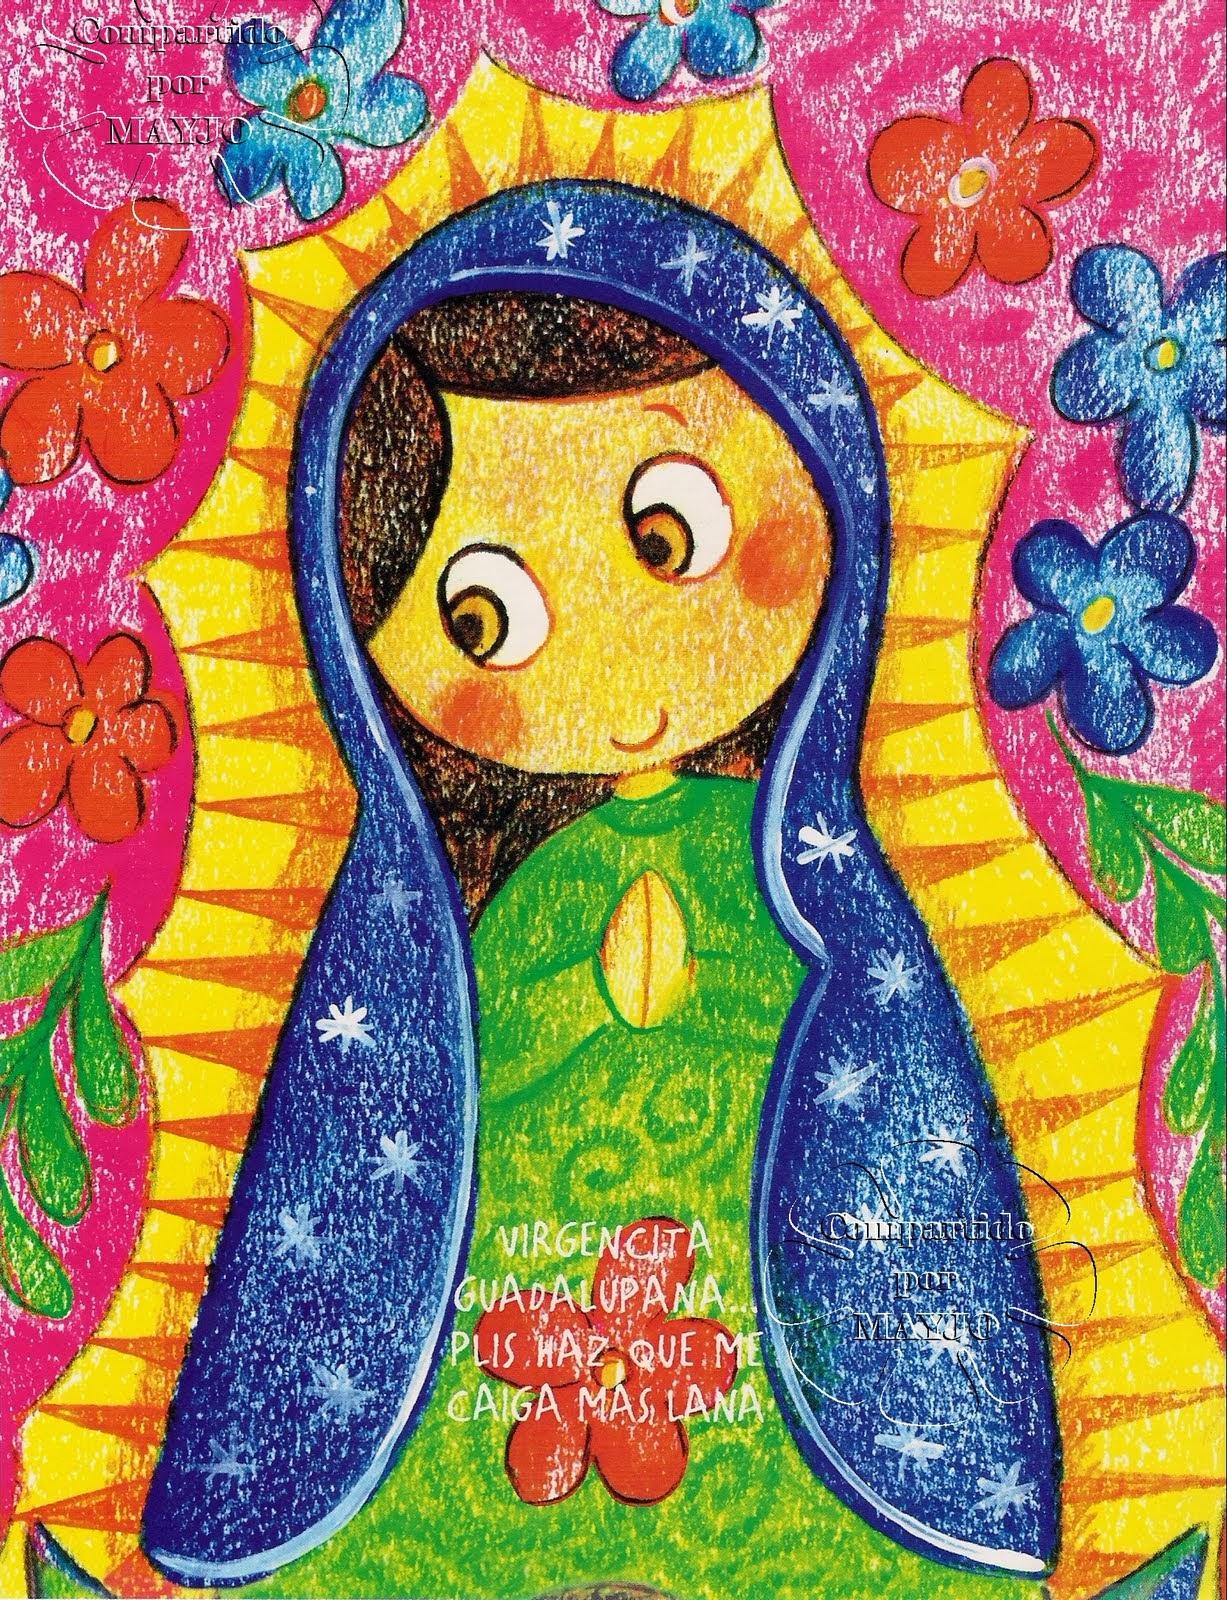 Virgencitas de guadalupe distroller | imagenes para enamorados